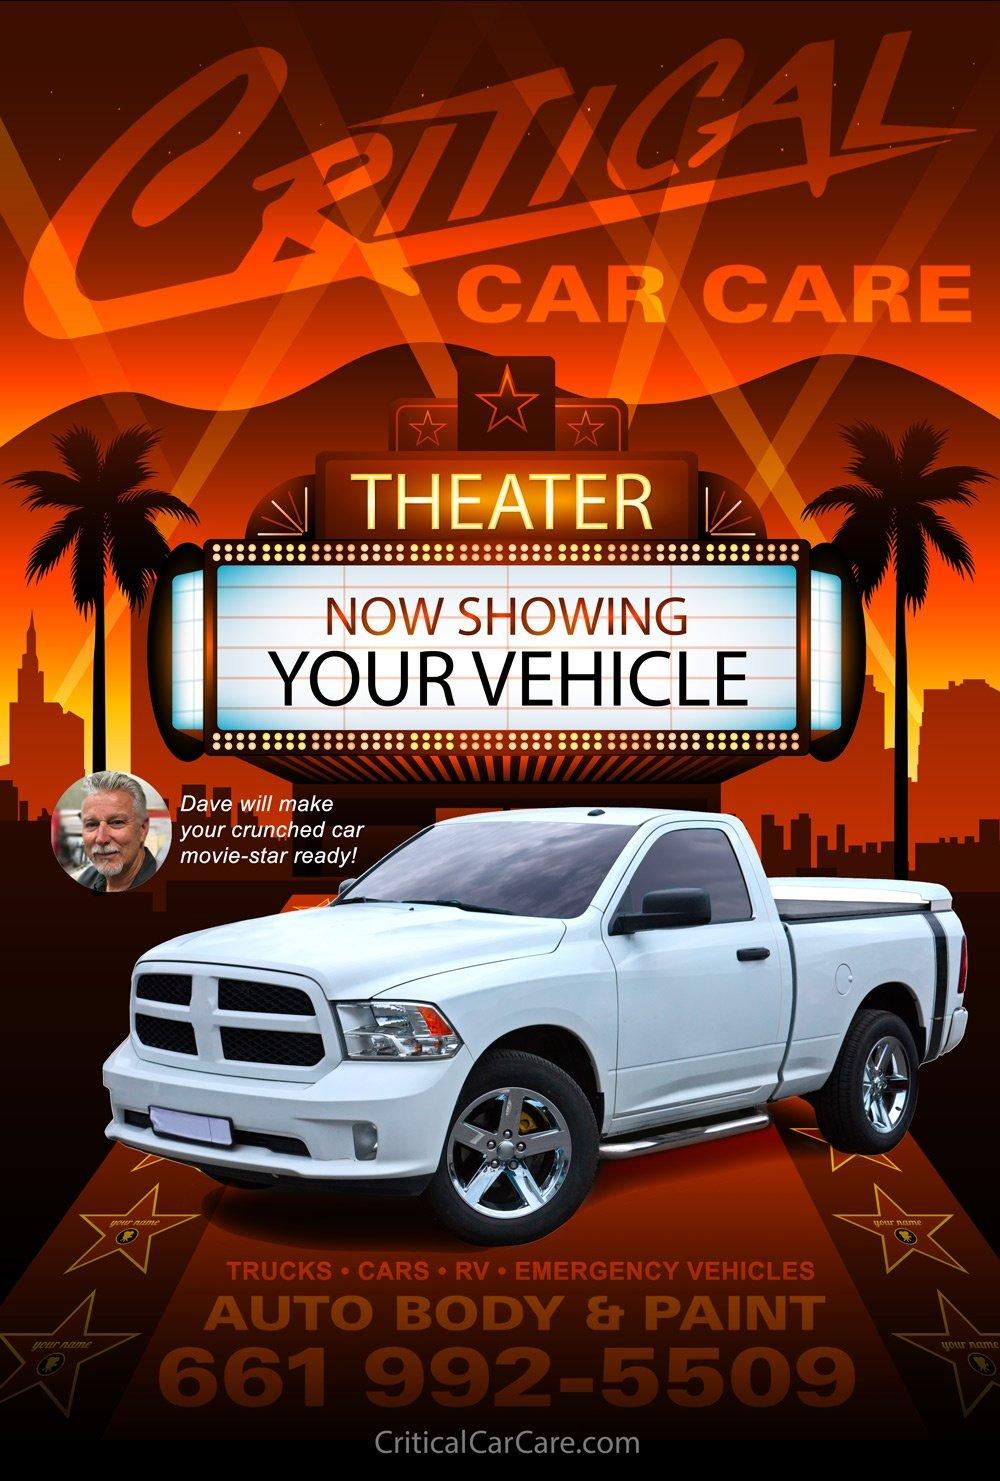 critical car care auto body